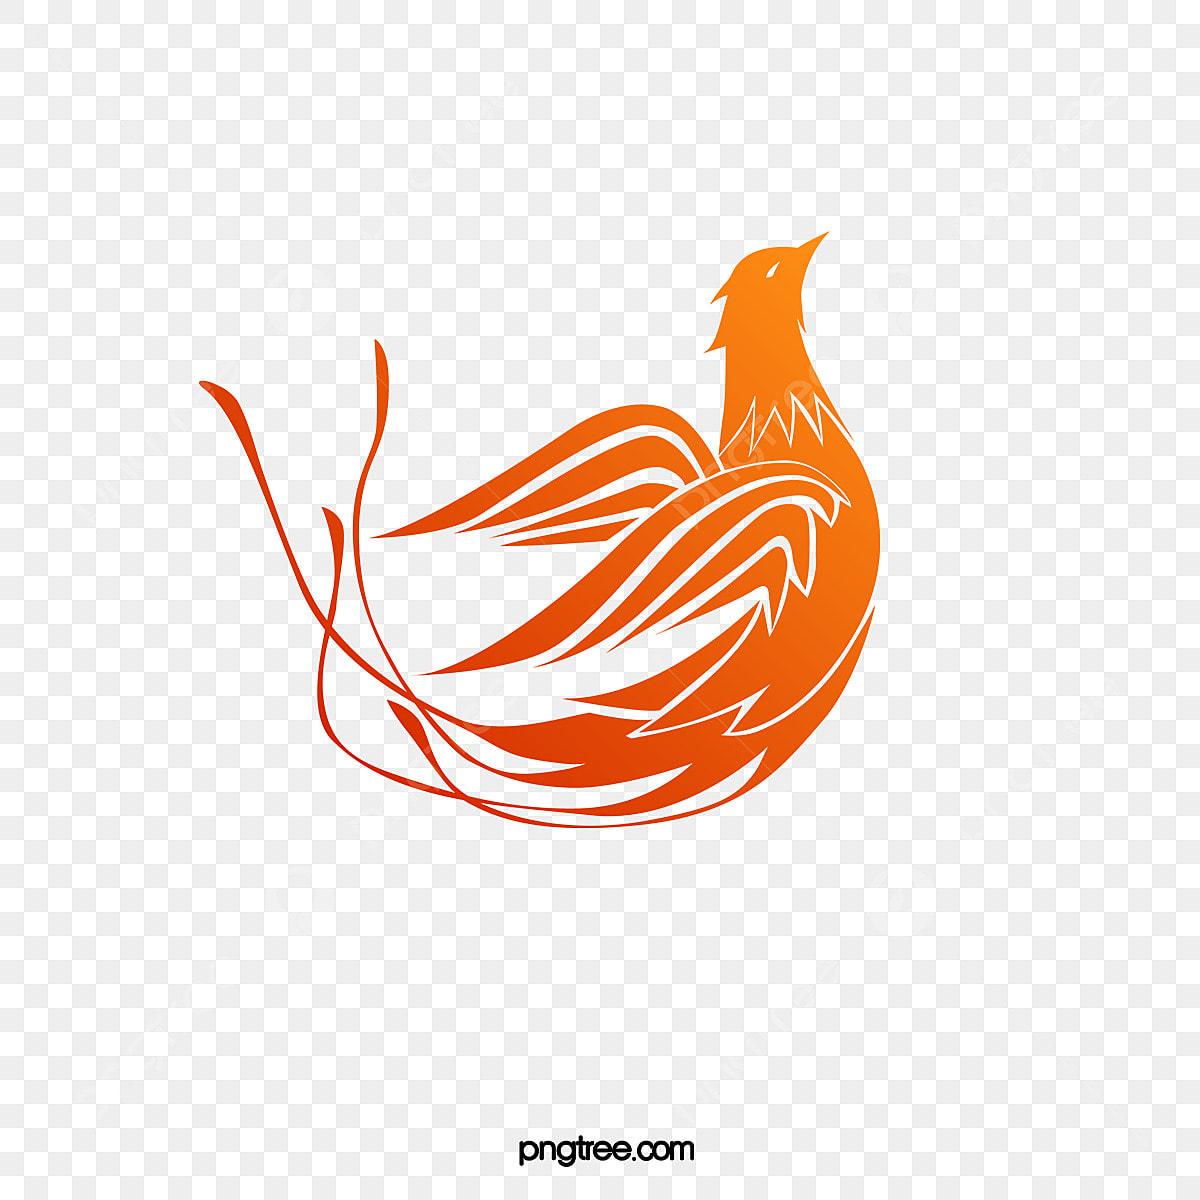 無料ダウンロードのための鳳凰マーク 鳥 赤い 神獣png画像素材